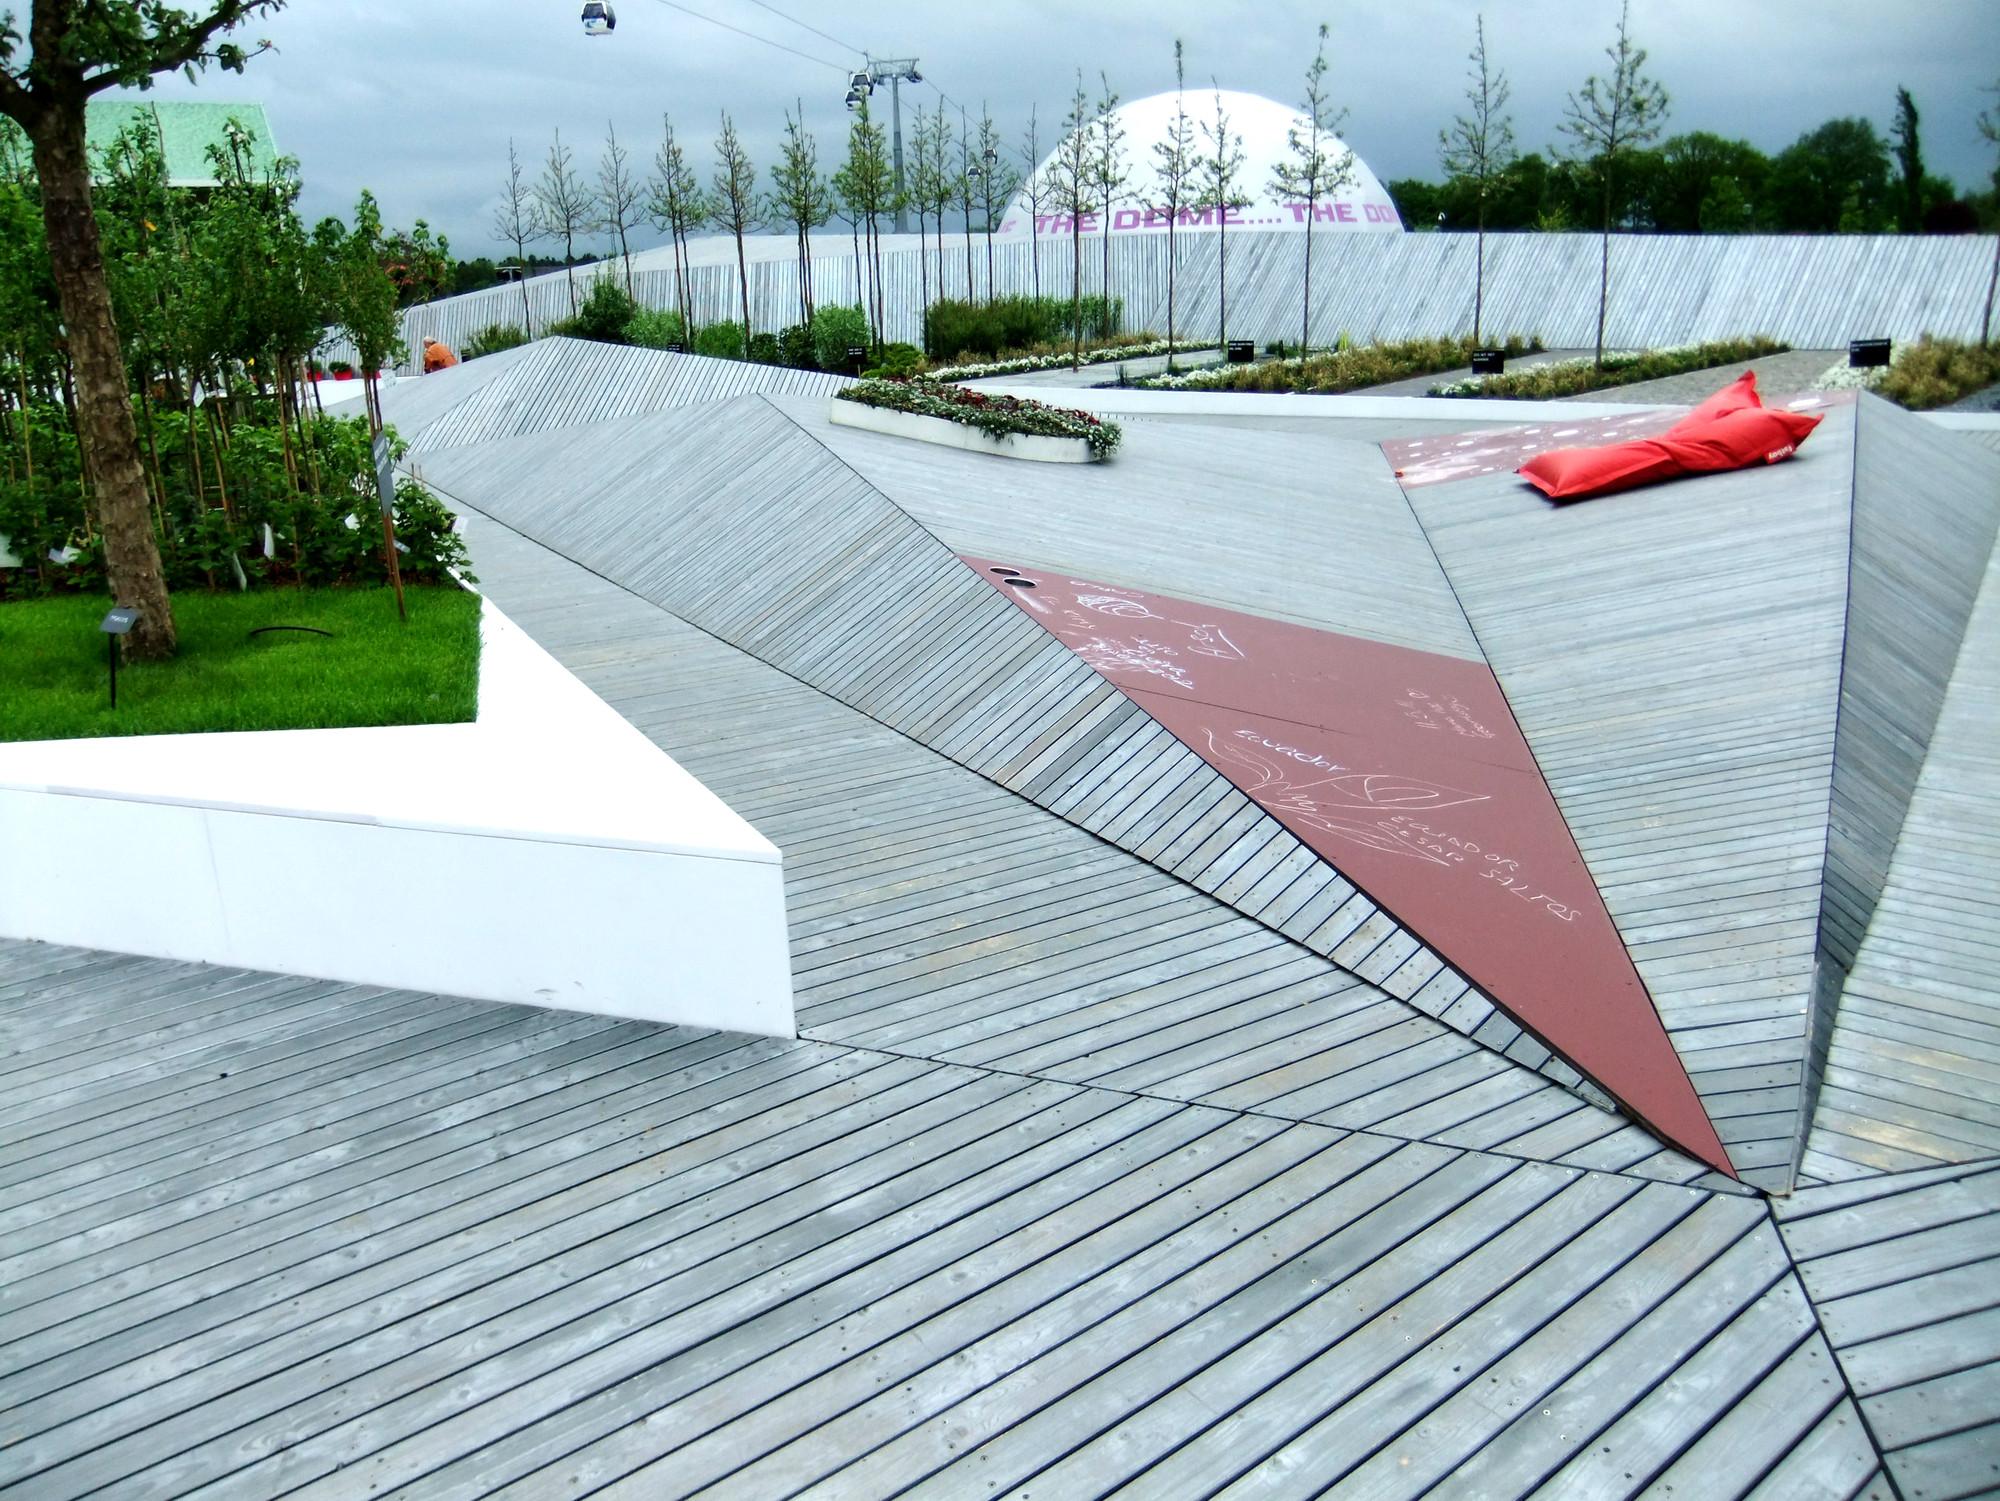 Künstlerisch Rmp Landschaftsarchitekten Ideen Von The North Rhine-westphalia Contribution–floriade 2012,courtesy Of Stephan